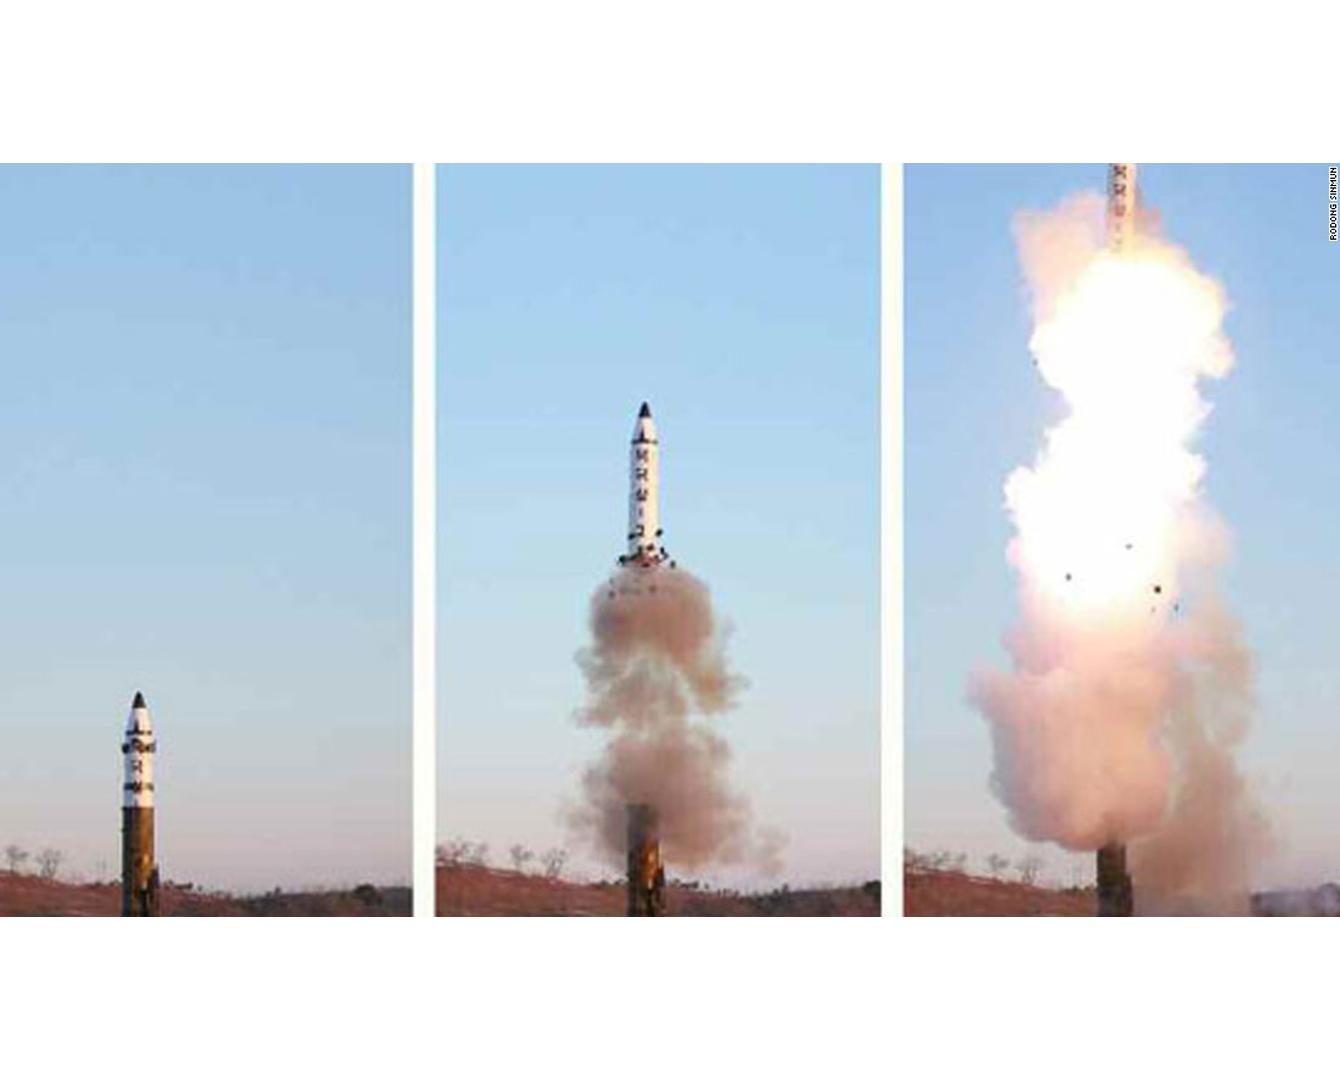 Казахстан осудил запуск баллистической ракеты в КНДР